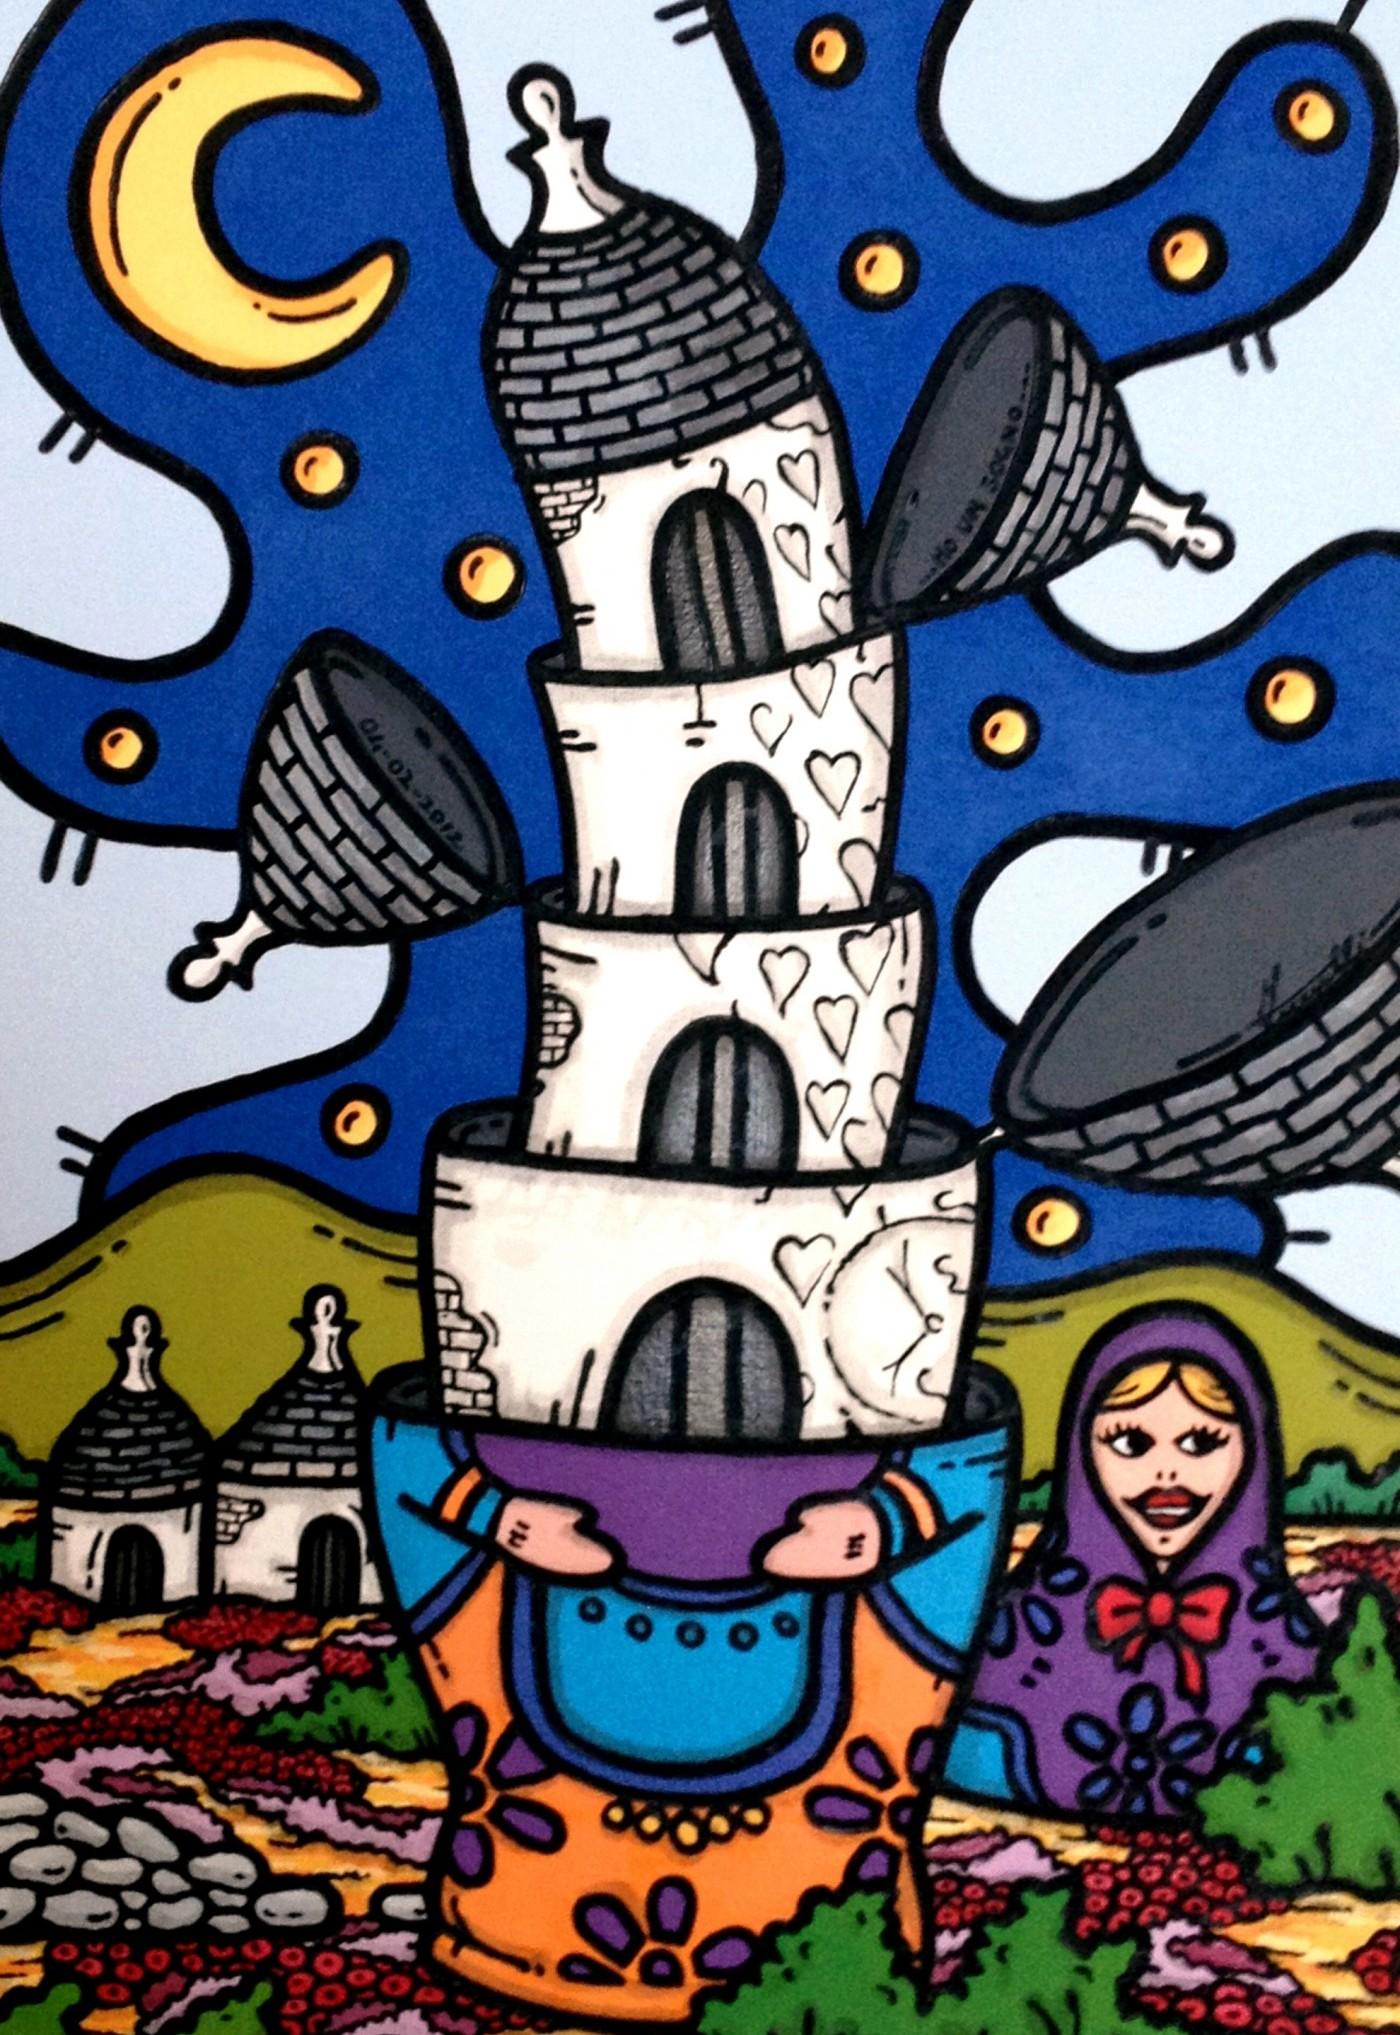 opera d'arte, contornismo metafisico, francesco ferrulli, pittore pugliese, artista italiano, arte contemporanea, dipinto, olio su tela, paesaggi pugliesi, quadro colorato, oil on canvas, art, painter, trulli, russia, mosca, matrioska, ho un sogno